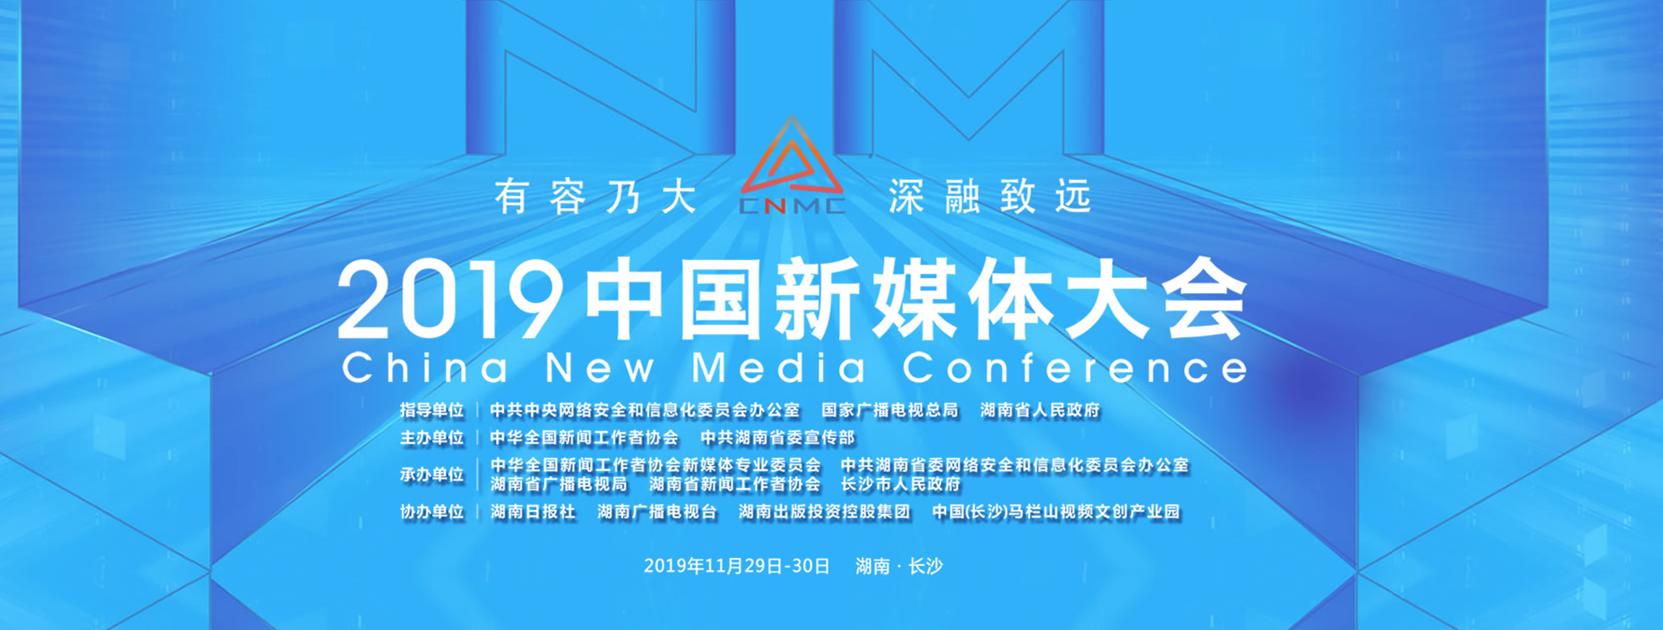 2019年中国新媒体大会